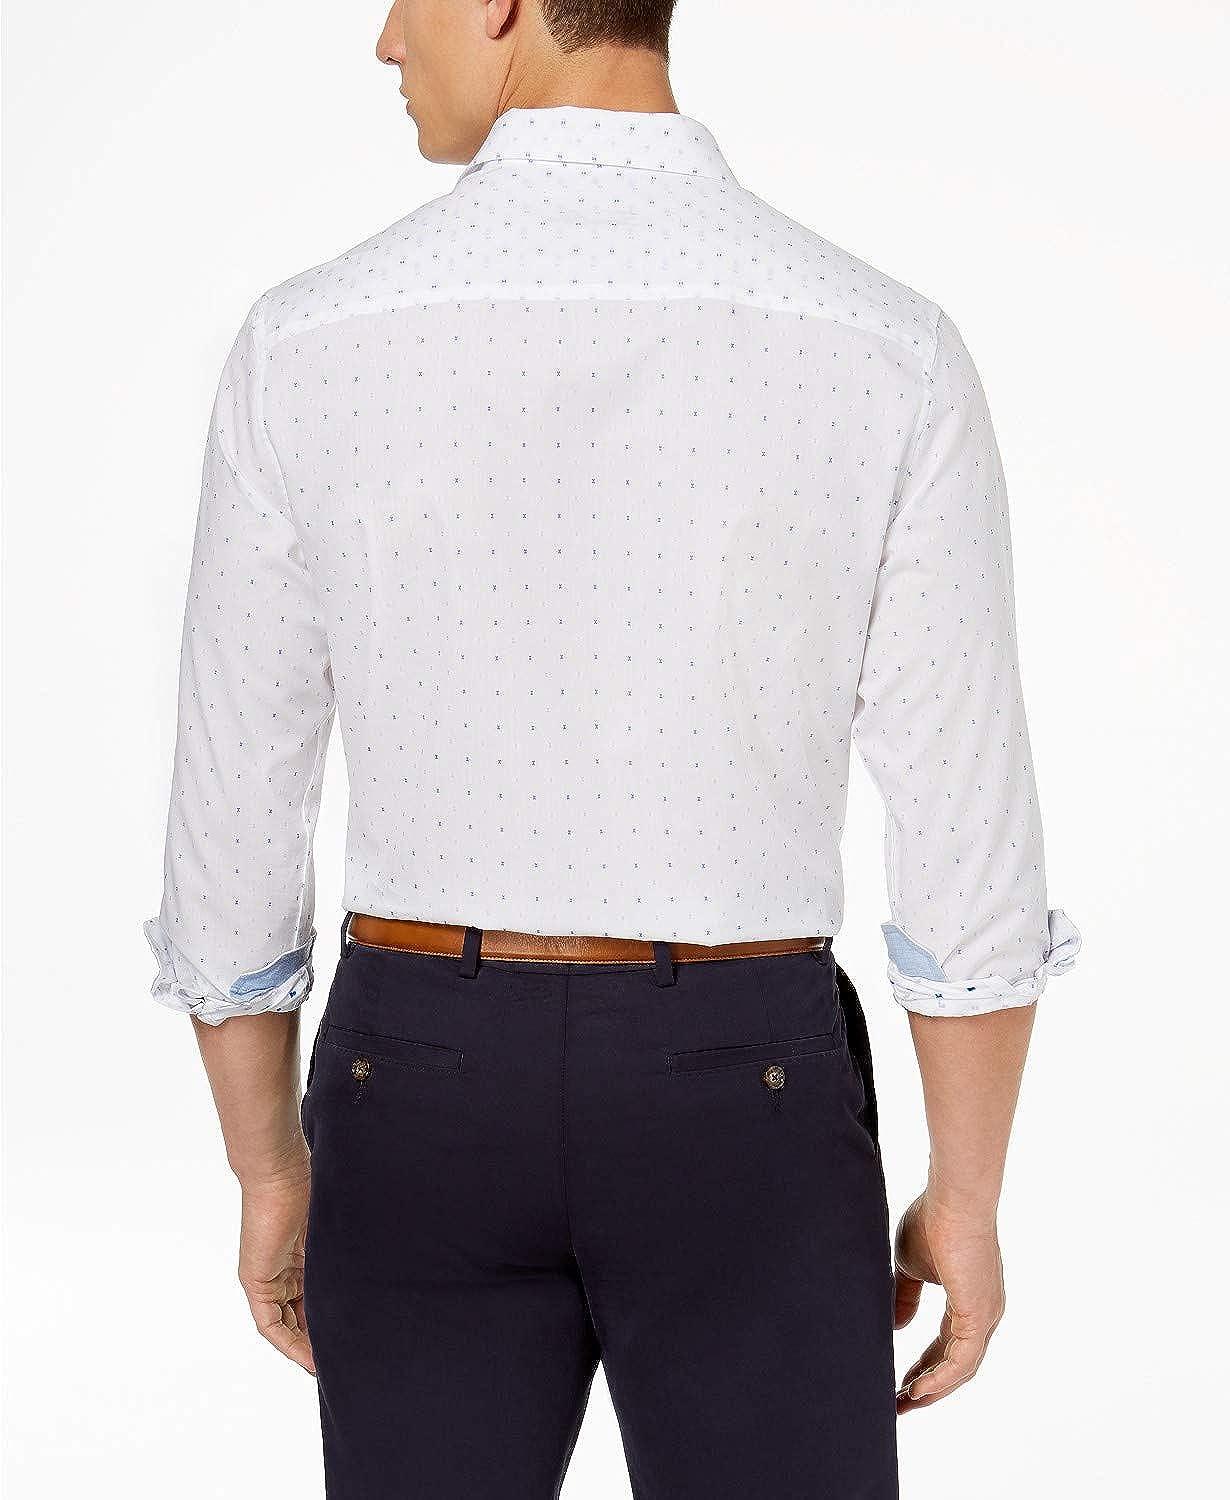 Tasso Elba Mens Dobby Pattern Spread Collar Dress Shirt